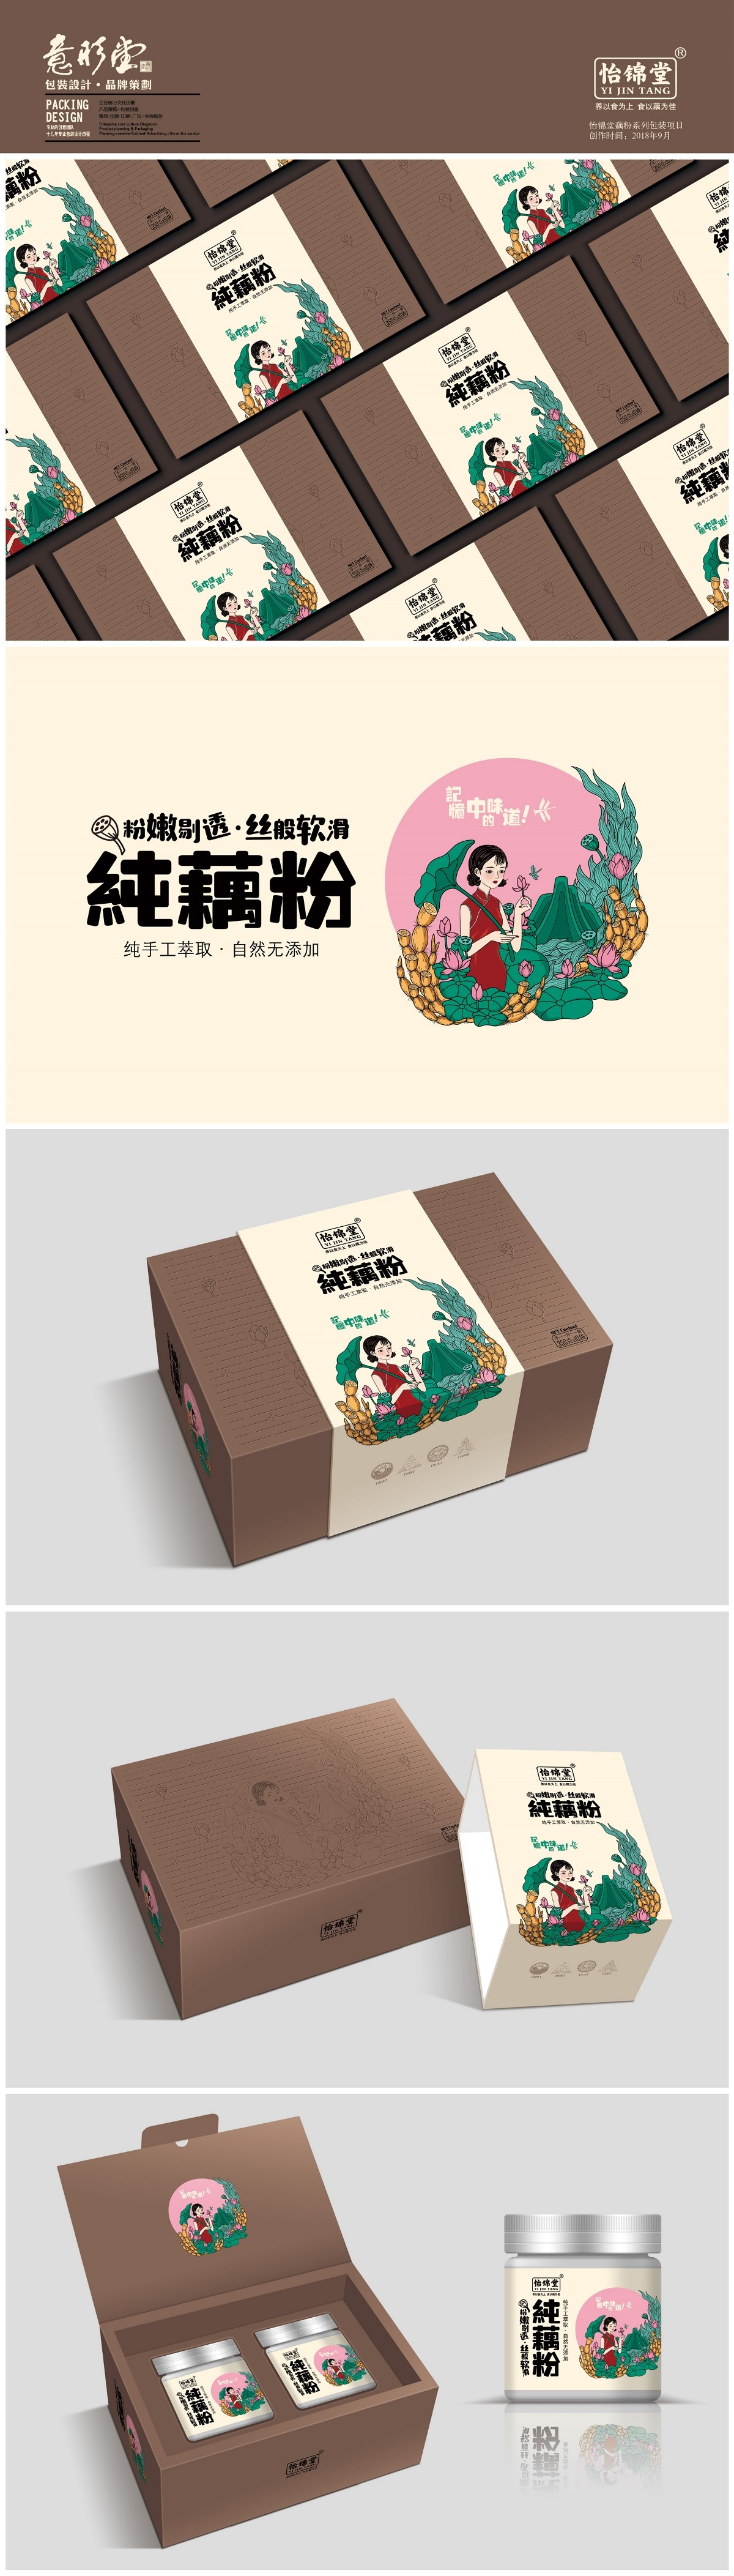 怡锦堂营养藕粉